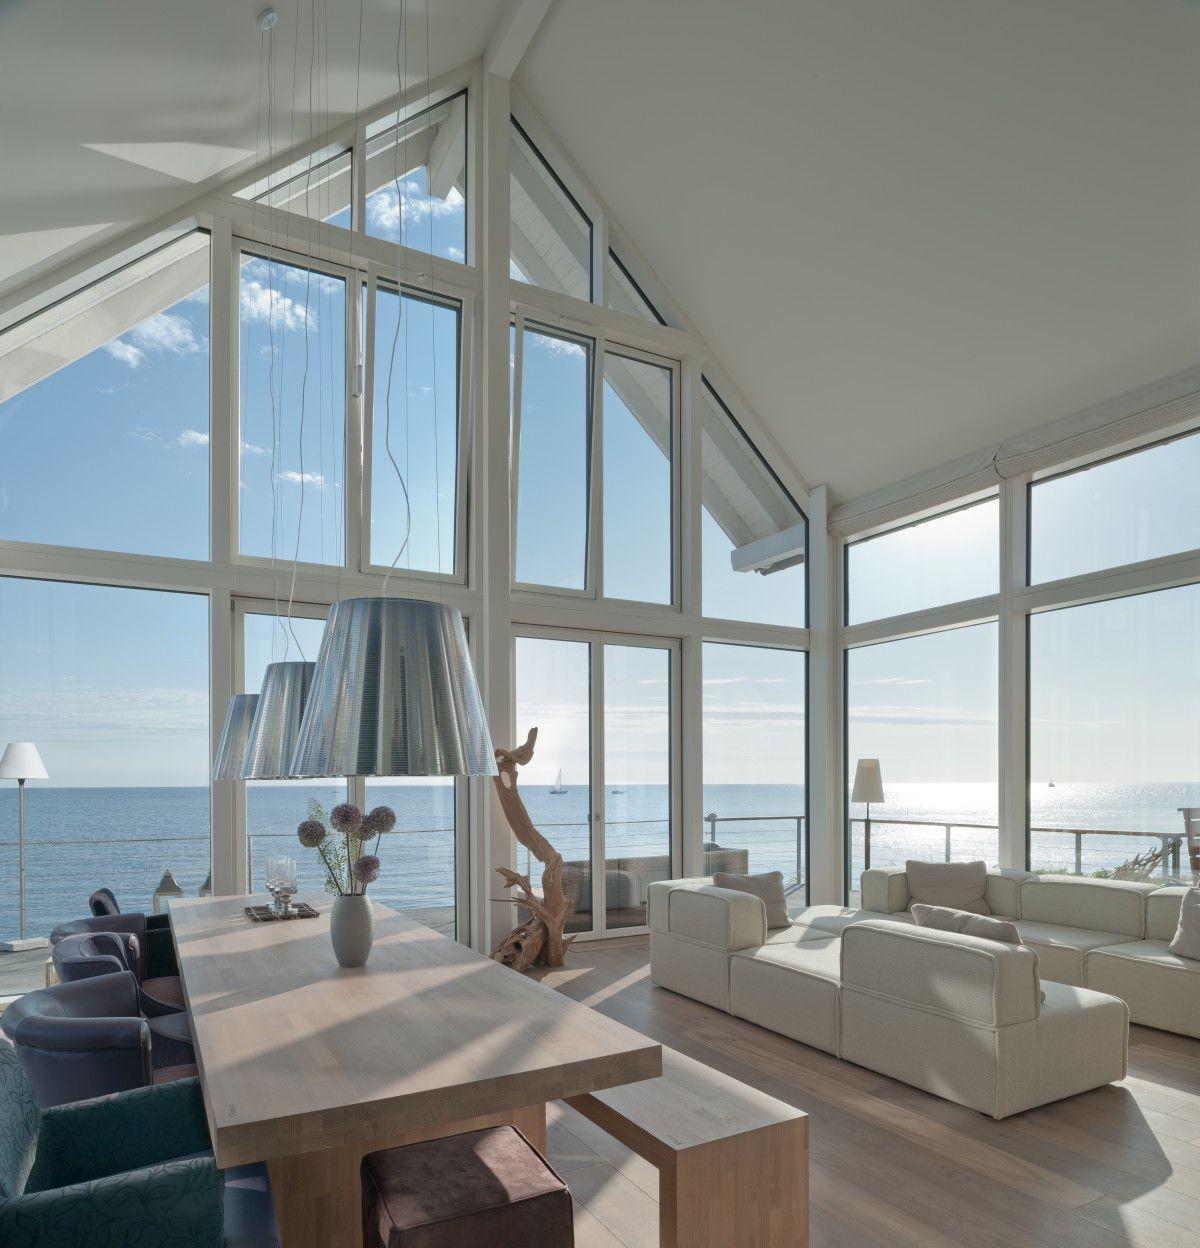 Neue wohnzimmer innenarchitektur wohnzimmer loft mit meerblick  maritime innenarchitektur haus